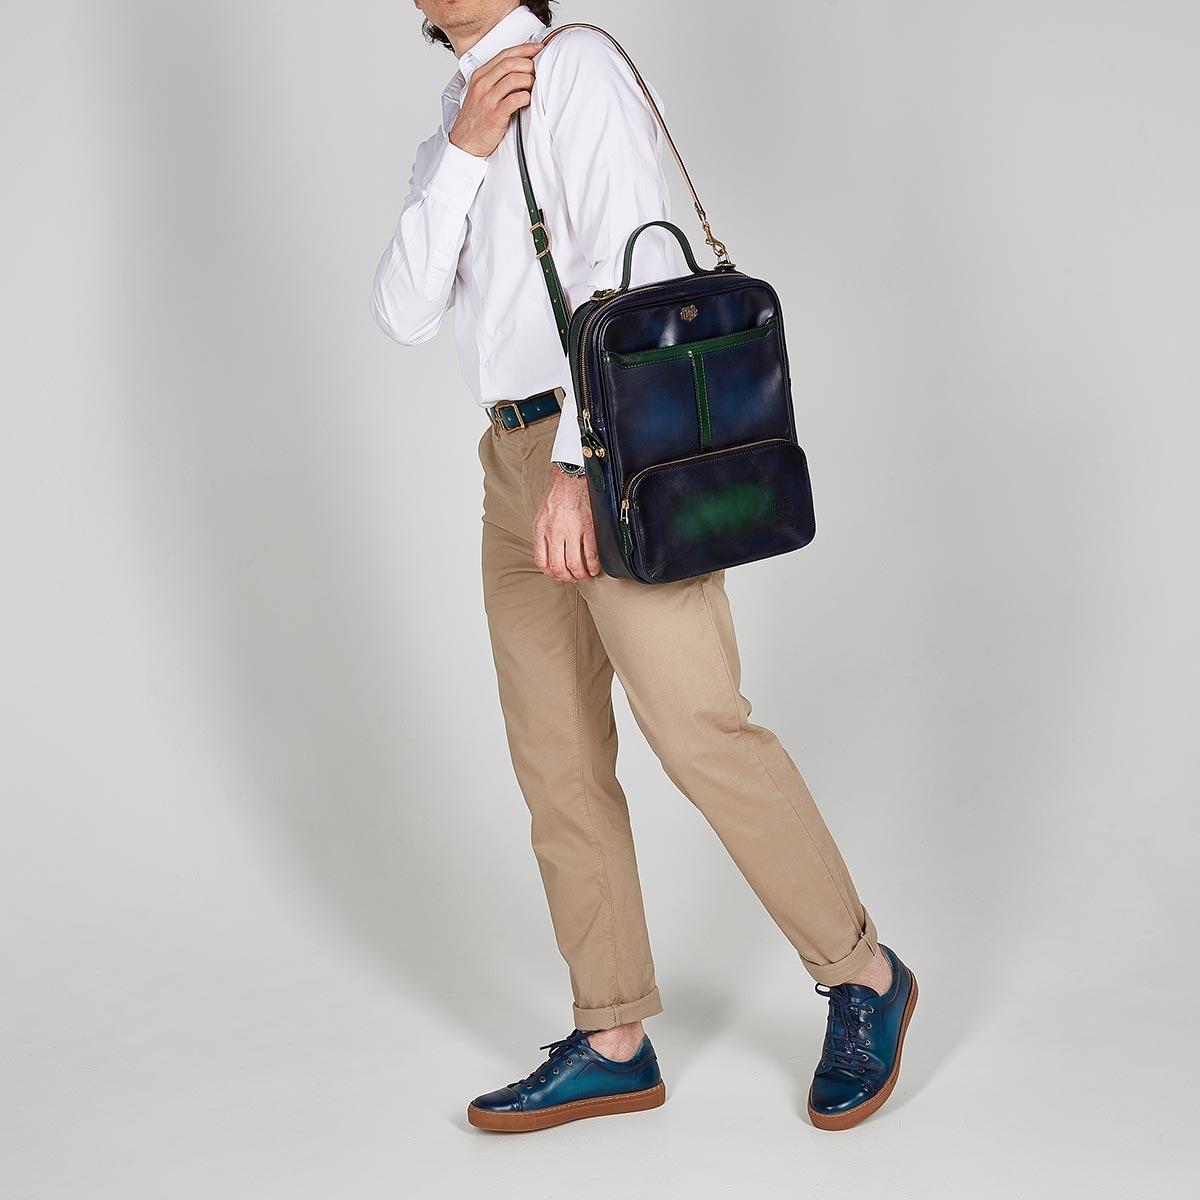 Crossbody bag-transformer CHELSEA grassy green & midnight blue